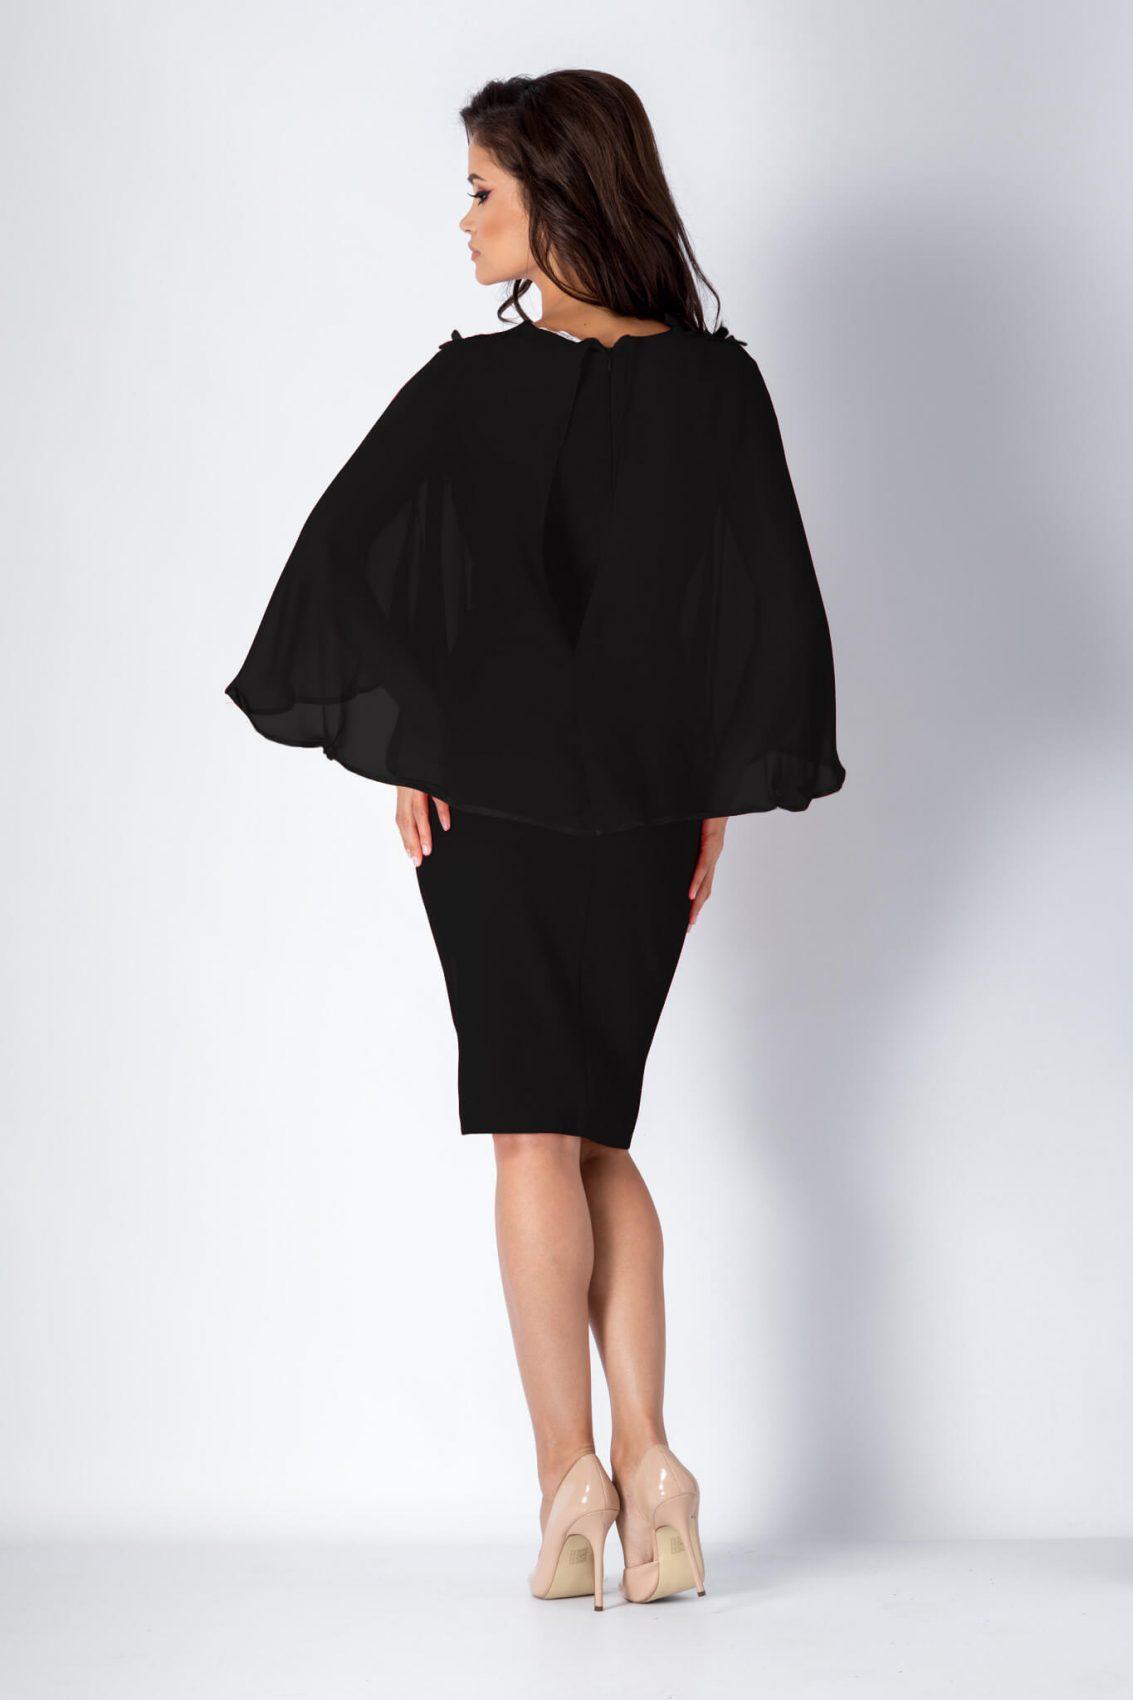 Μαύρο Φόρεμα Με Δαντέλα Calliope 1179 2